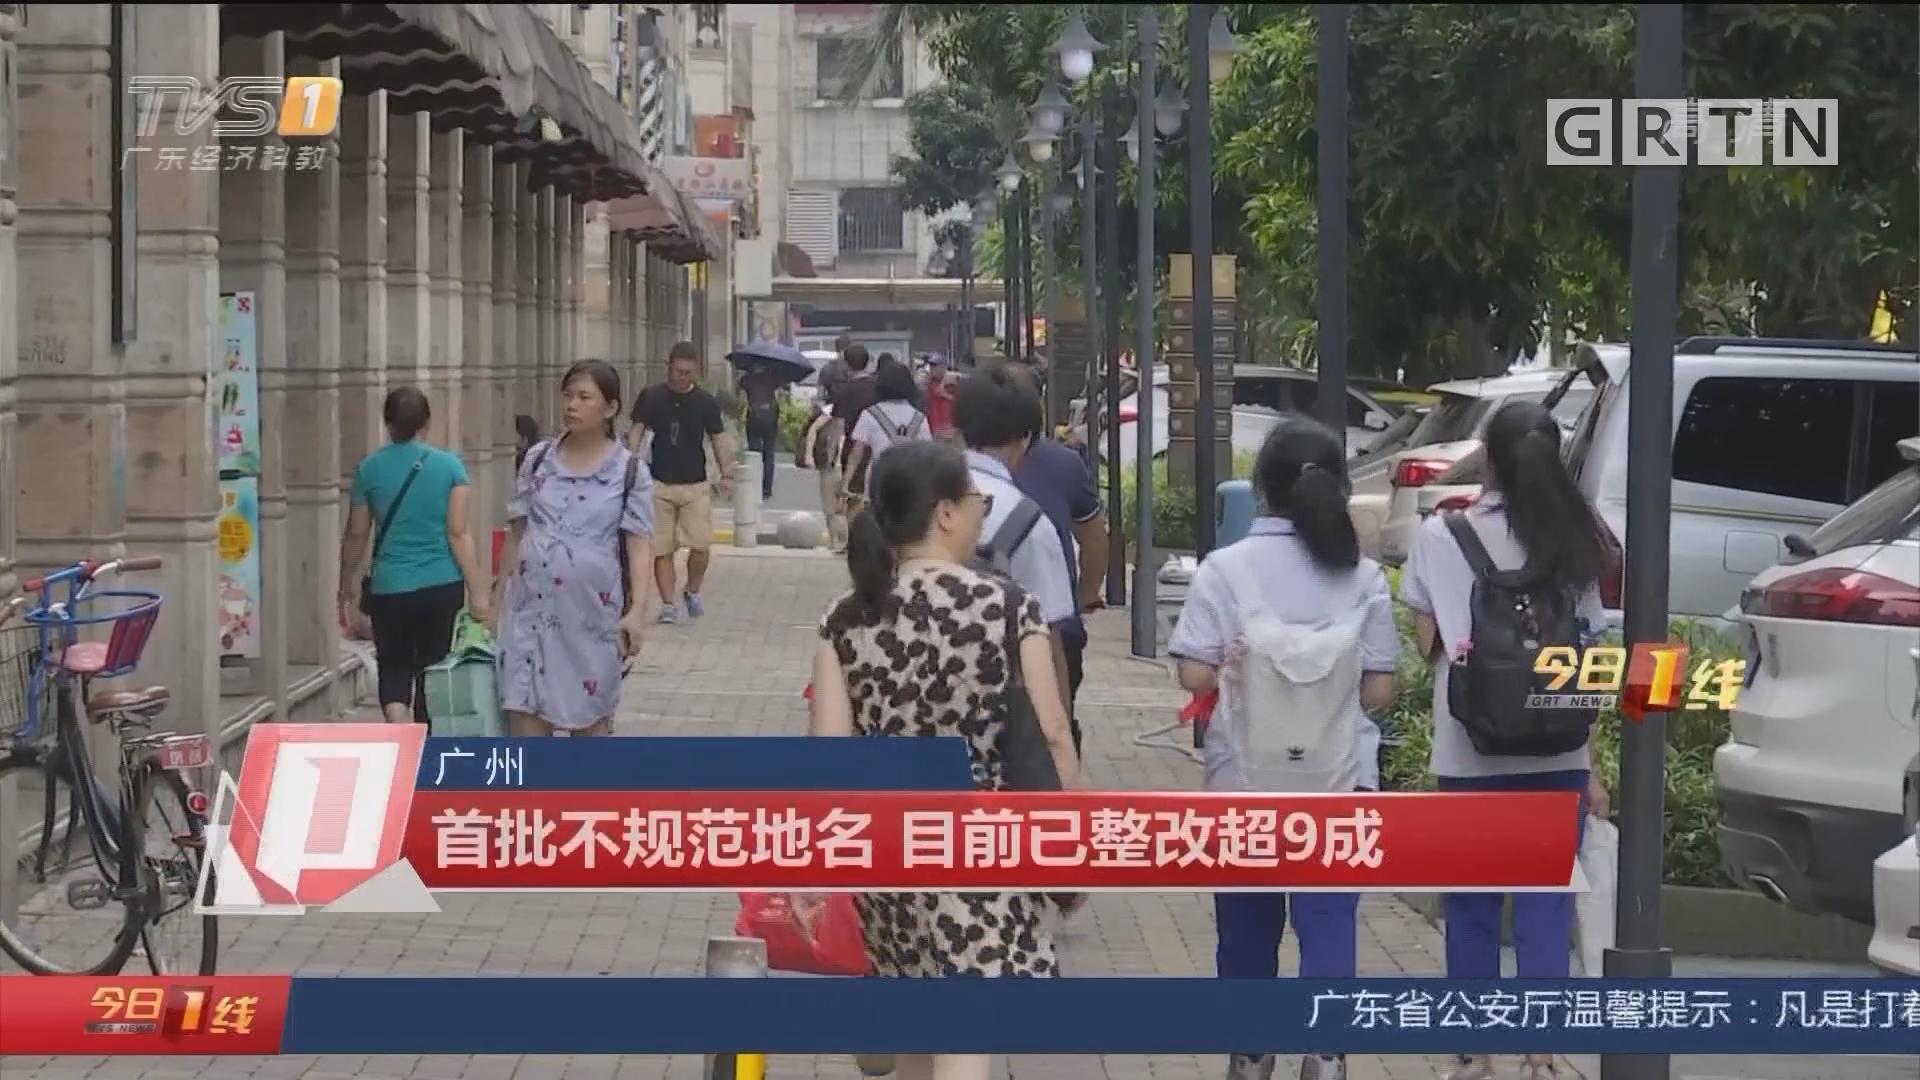 广州:首批不规范地名 目前已整改超9成